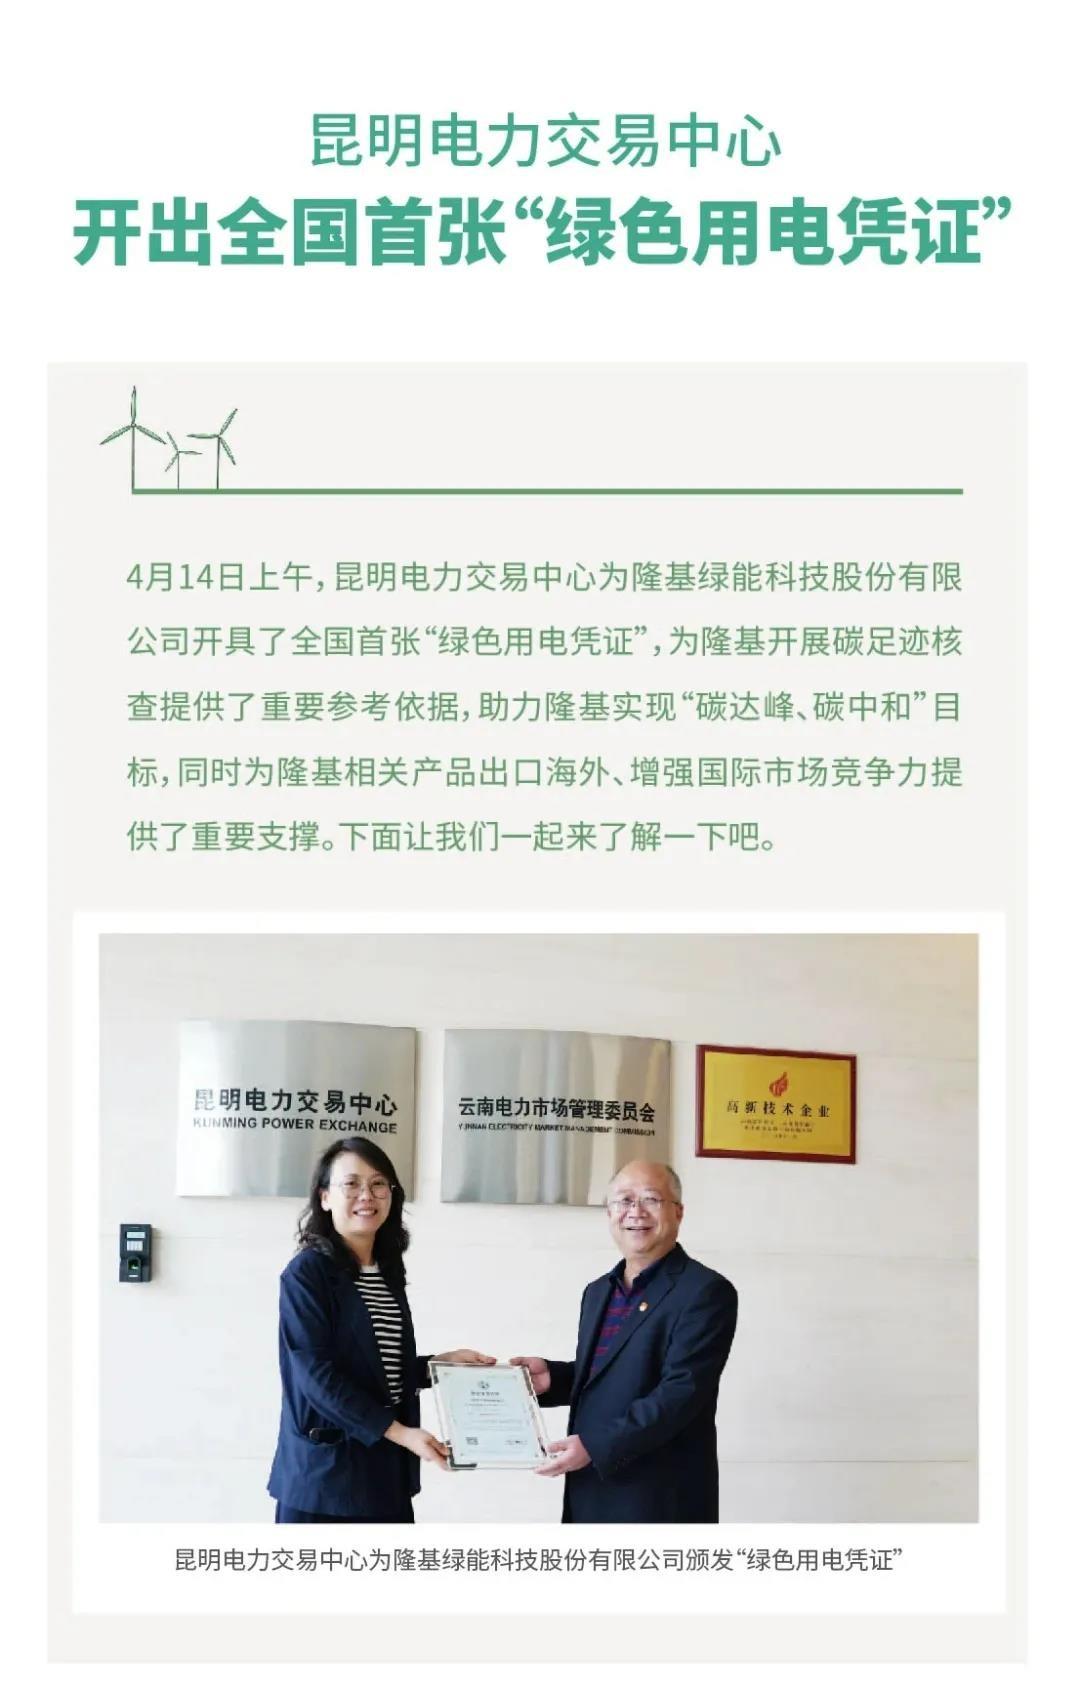 """昆明电力交易中心开出全国首张""""绿色用电凭证"""""""